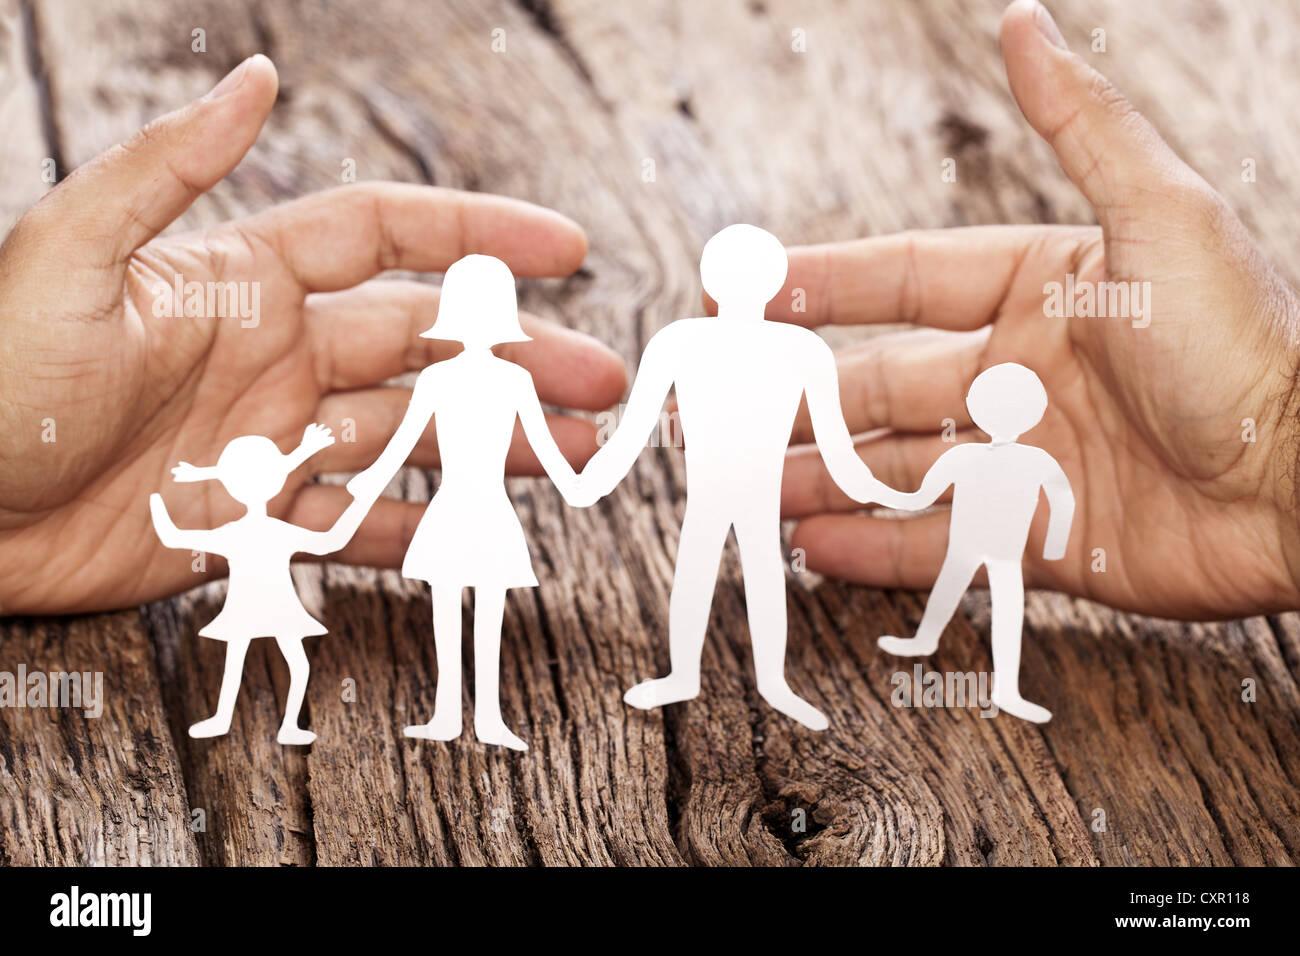 Figuras de cartón de la familia en una mesa de madera. El símbolo de la unidad y de la felicidad. Abrazo Imagen De Stock